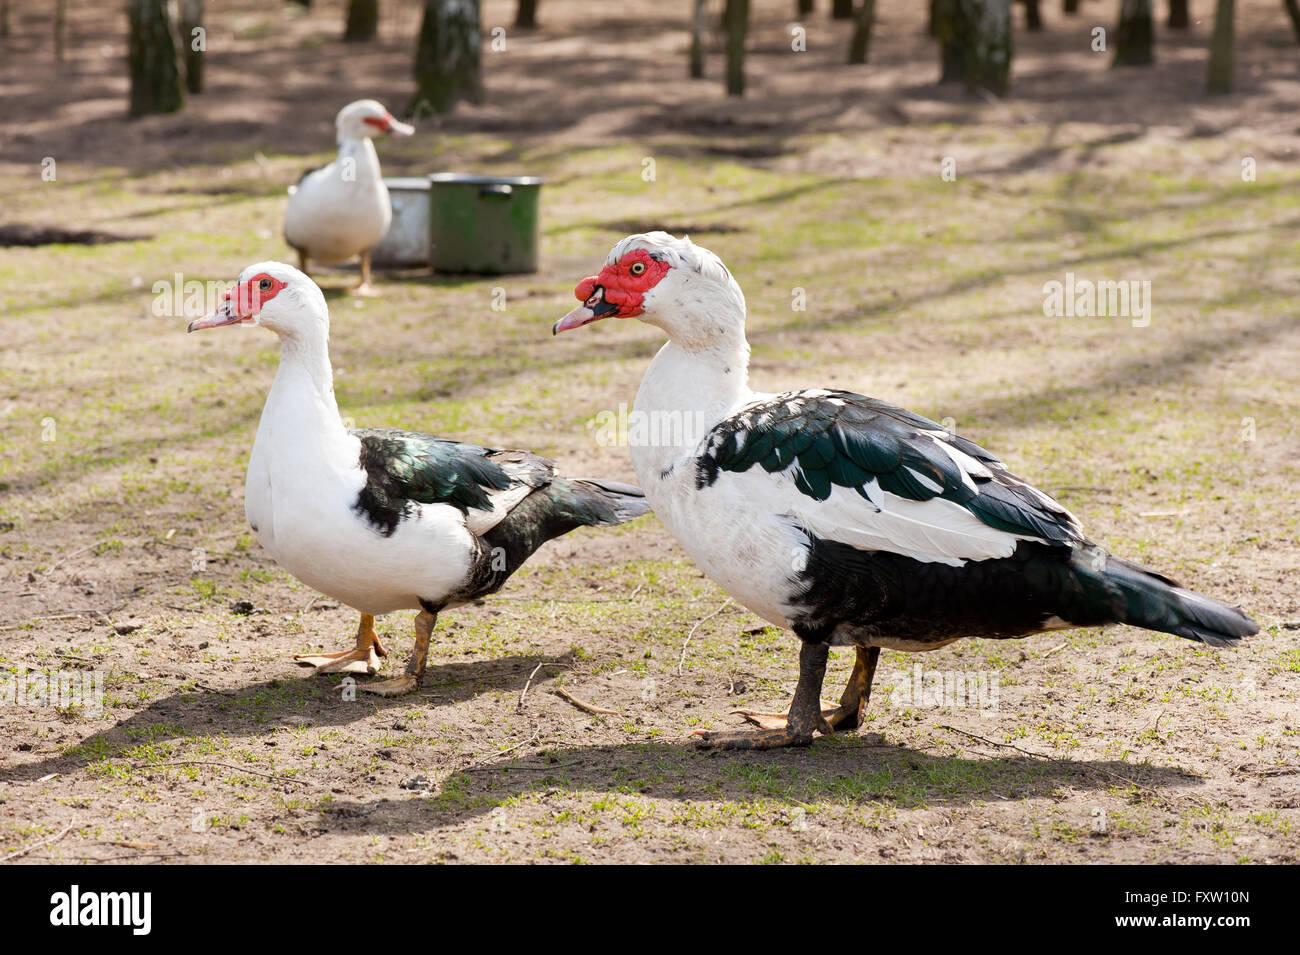 Barbarie Ente Kaufen